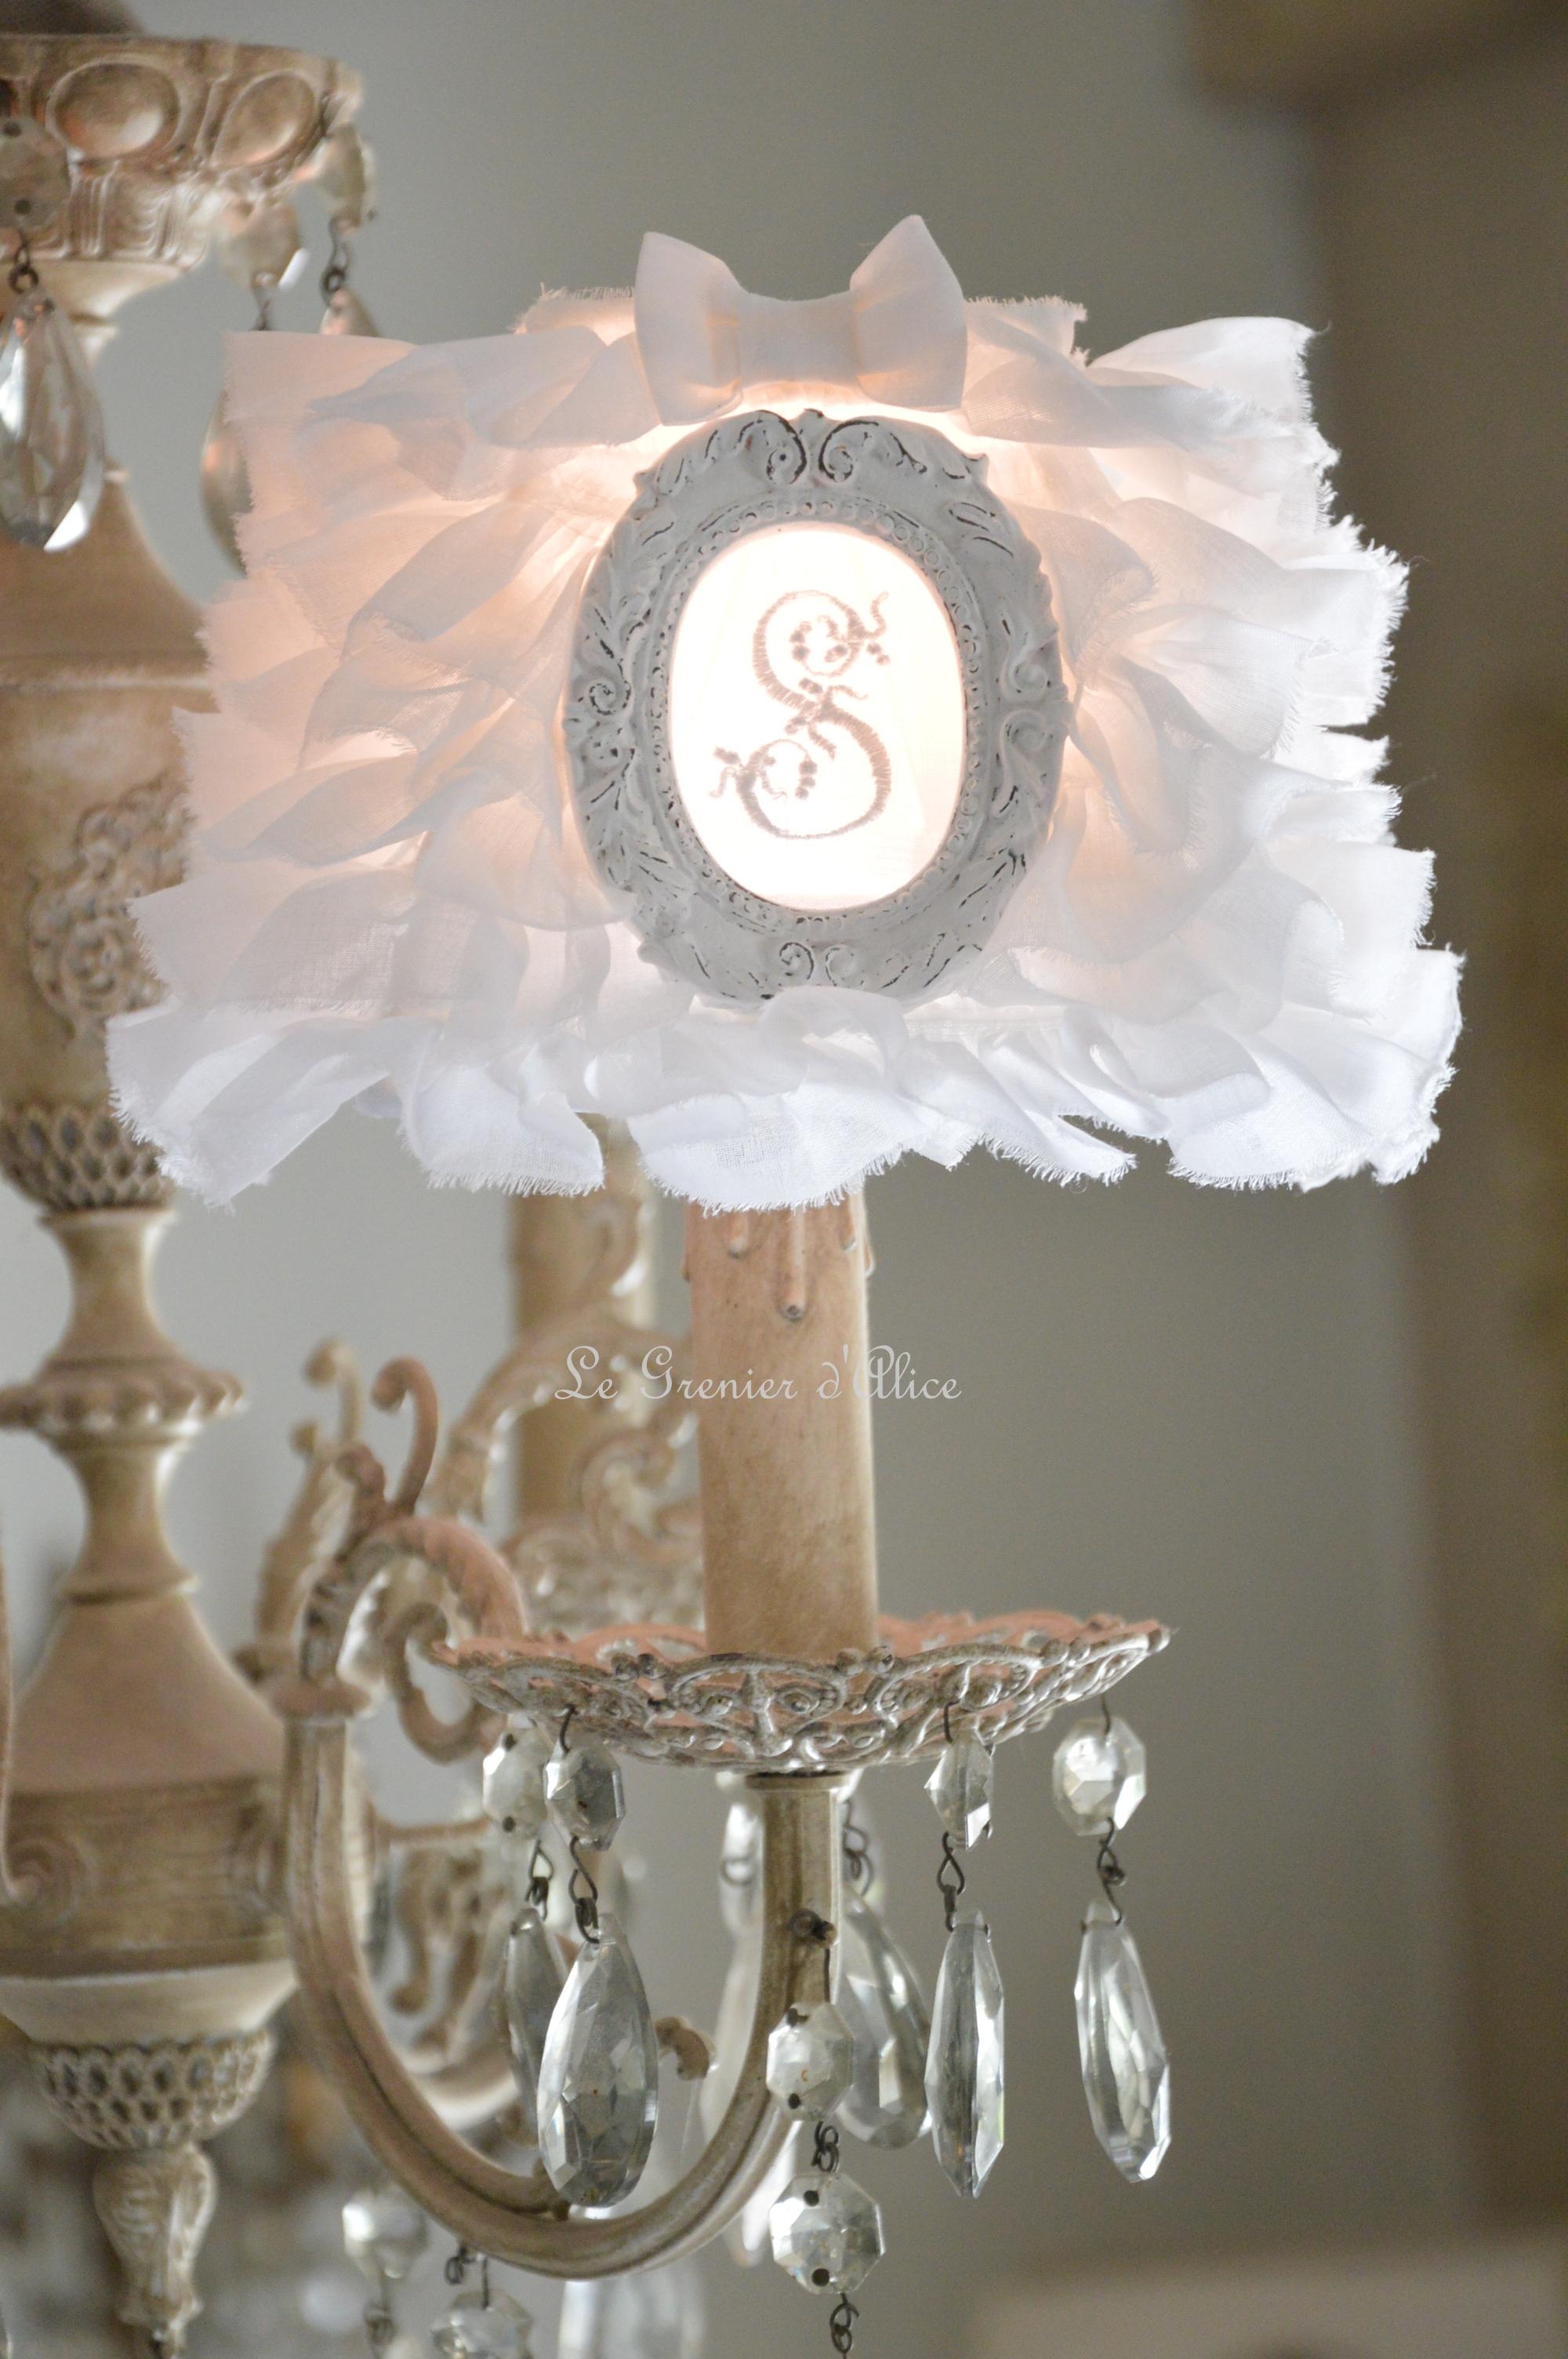 nouveaut abat jour organdi blanc froufrou romantique et shabby chic le grenier d 39 alice le. Black Bedroom Furniture Sets. Home Design Ideas